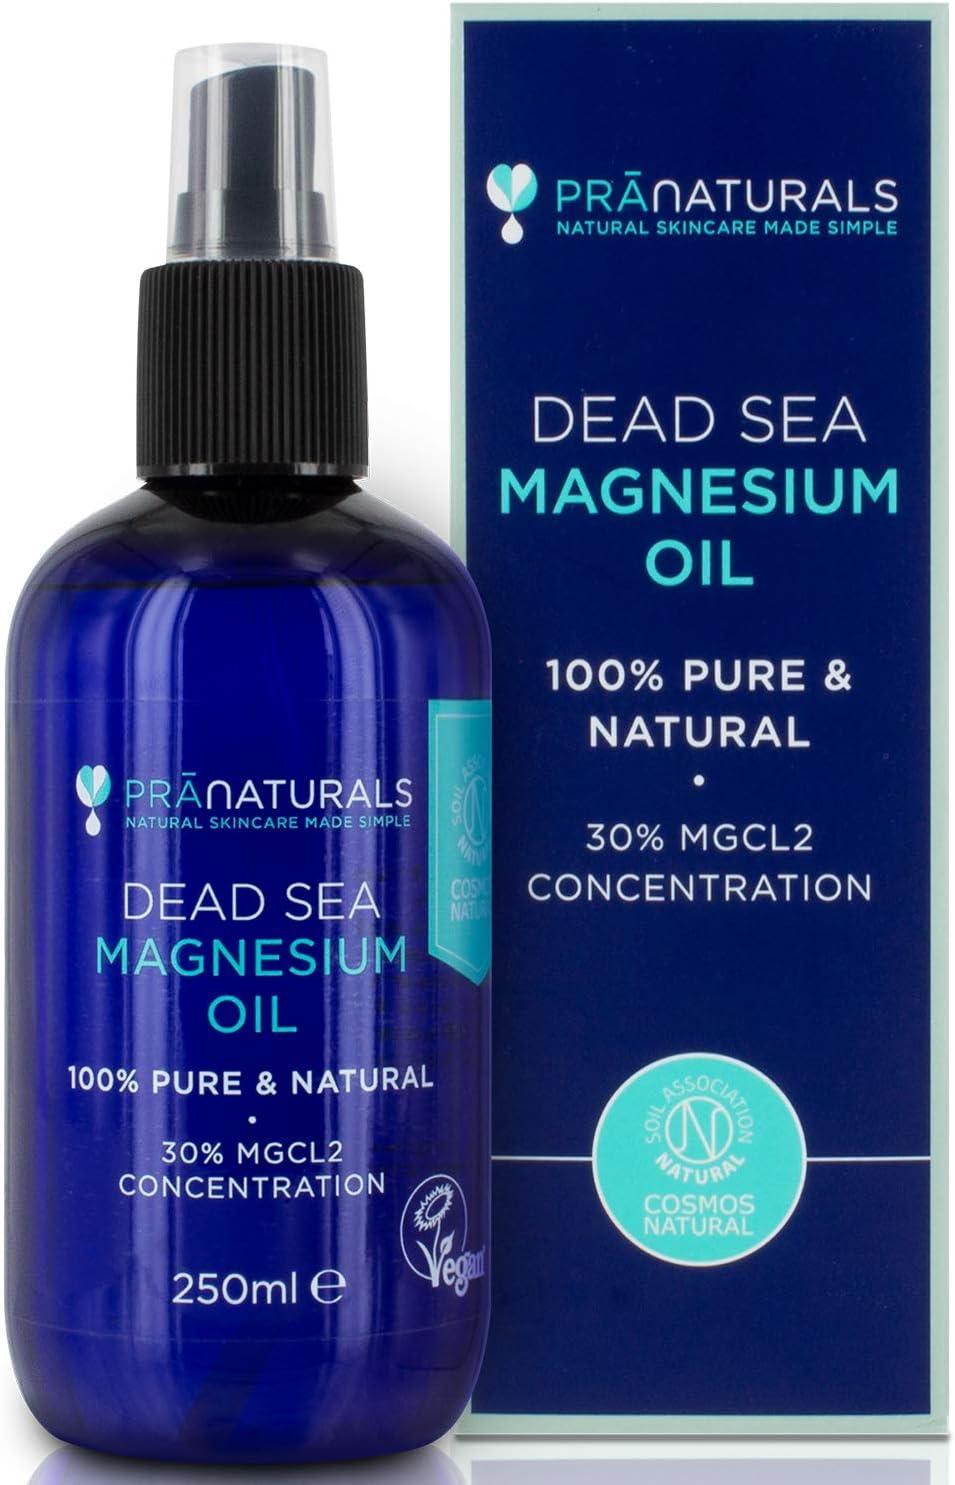 PraNaturals Dead Sea Magnesium Oil Spray 250ml, Ayuda para el sueño natural, ayuda a calmar el dolor muscular y los calambres | Certificación de Cosmos Natural, Vegan y Soil Association.